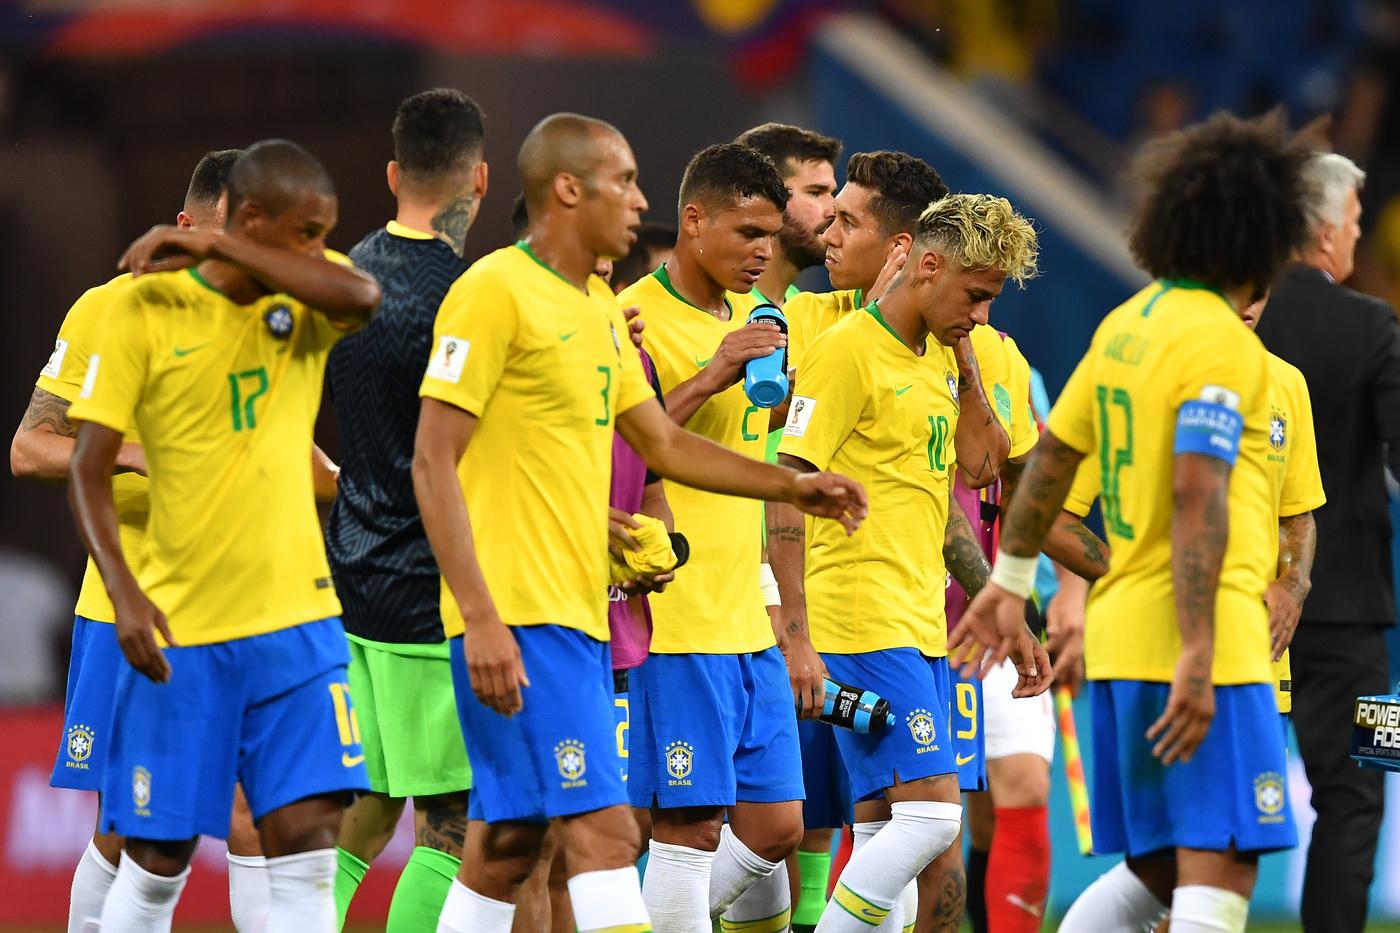 Amichevole, Brasile-Argentina martedì 16 ottobre: analisi, probabili formazioni e pronostico del confronto amichevole. La Quota Vincente.